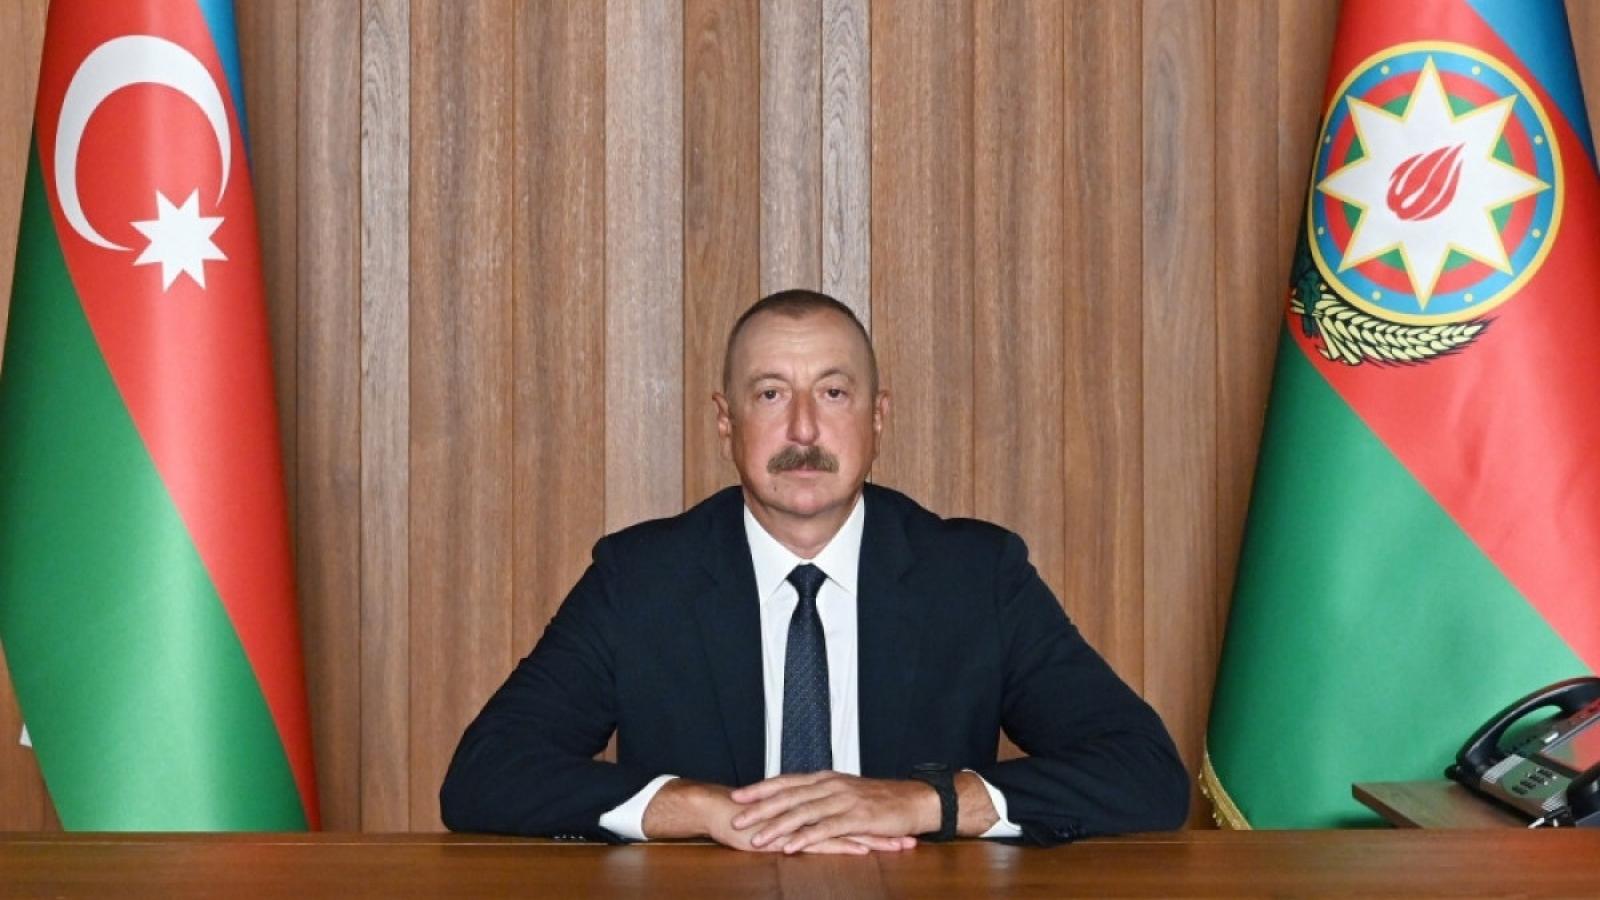 """Azerbaijan muốn xóa sổ địa danh """"Nagorno-Karabakh"""" sau thắng lợi quân sự tại đây?"""